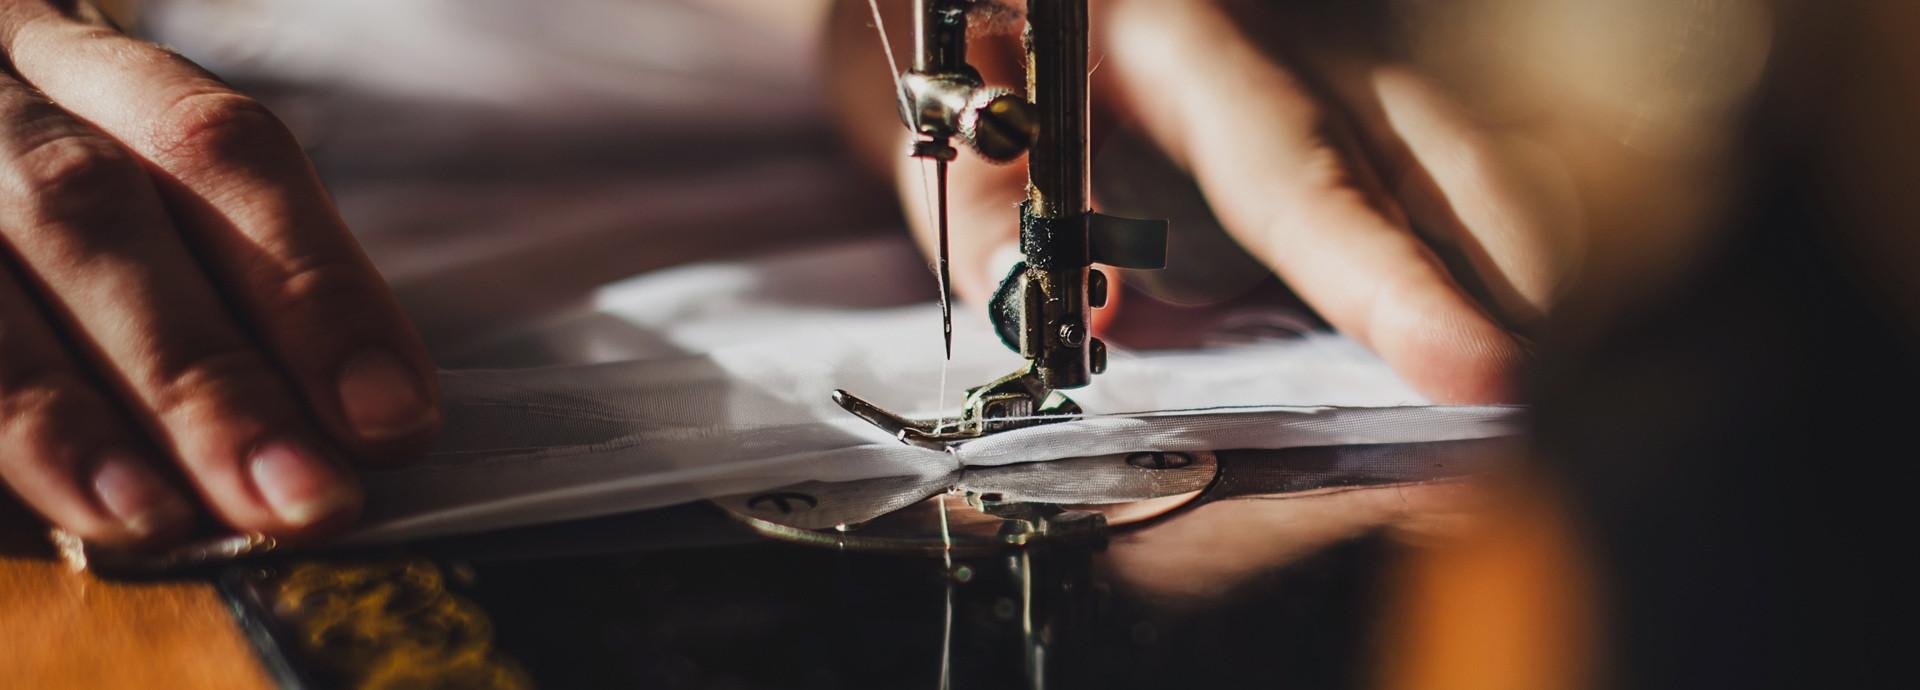 Singer atelier de couture - Les Rivières